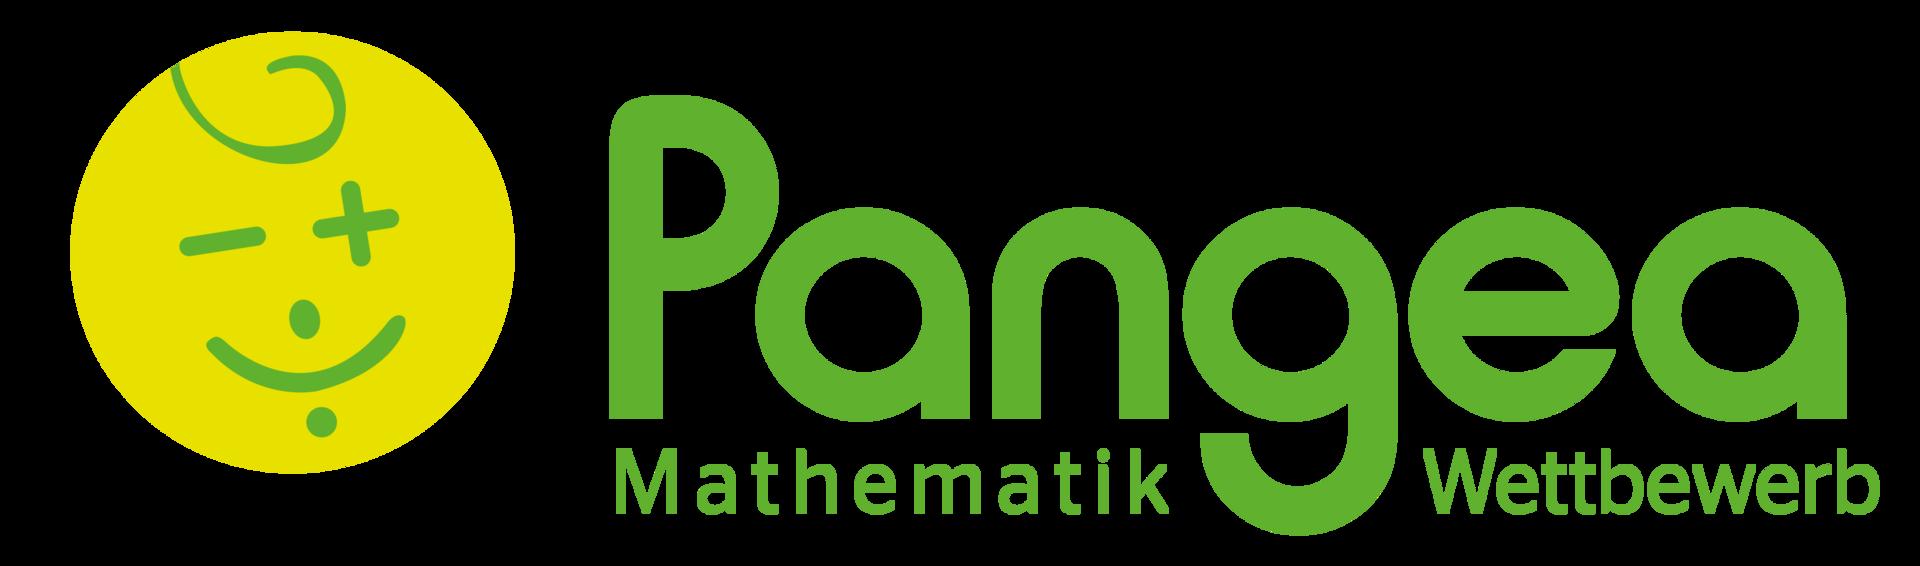 Pangea Wettberwerb